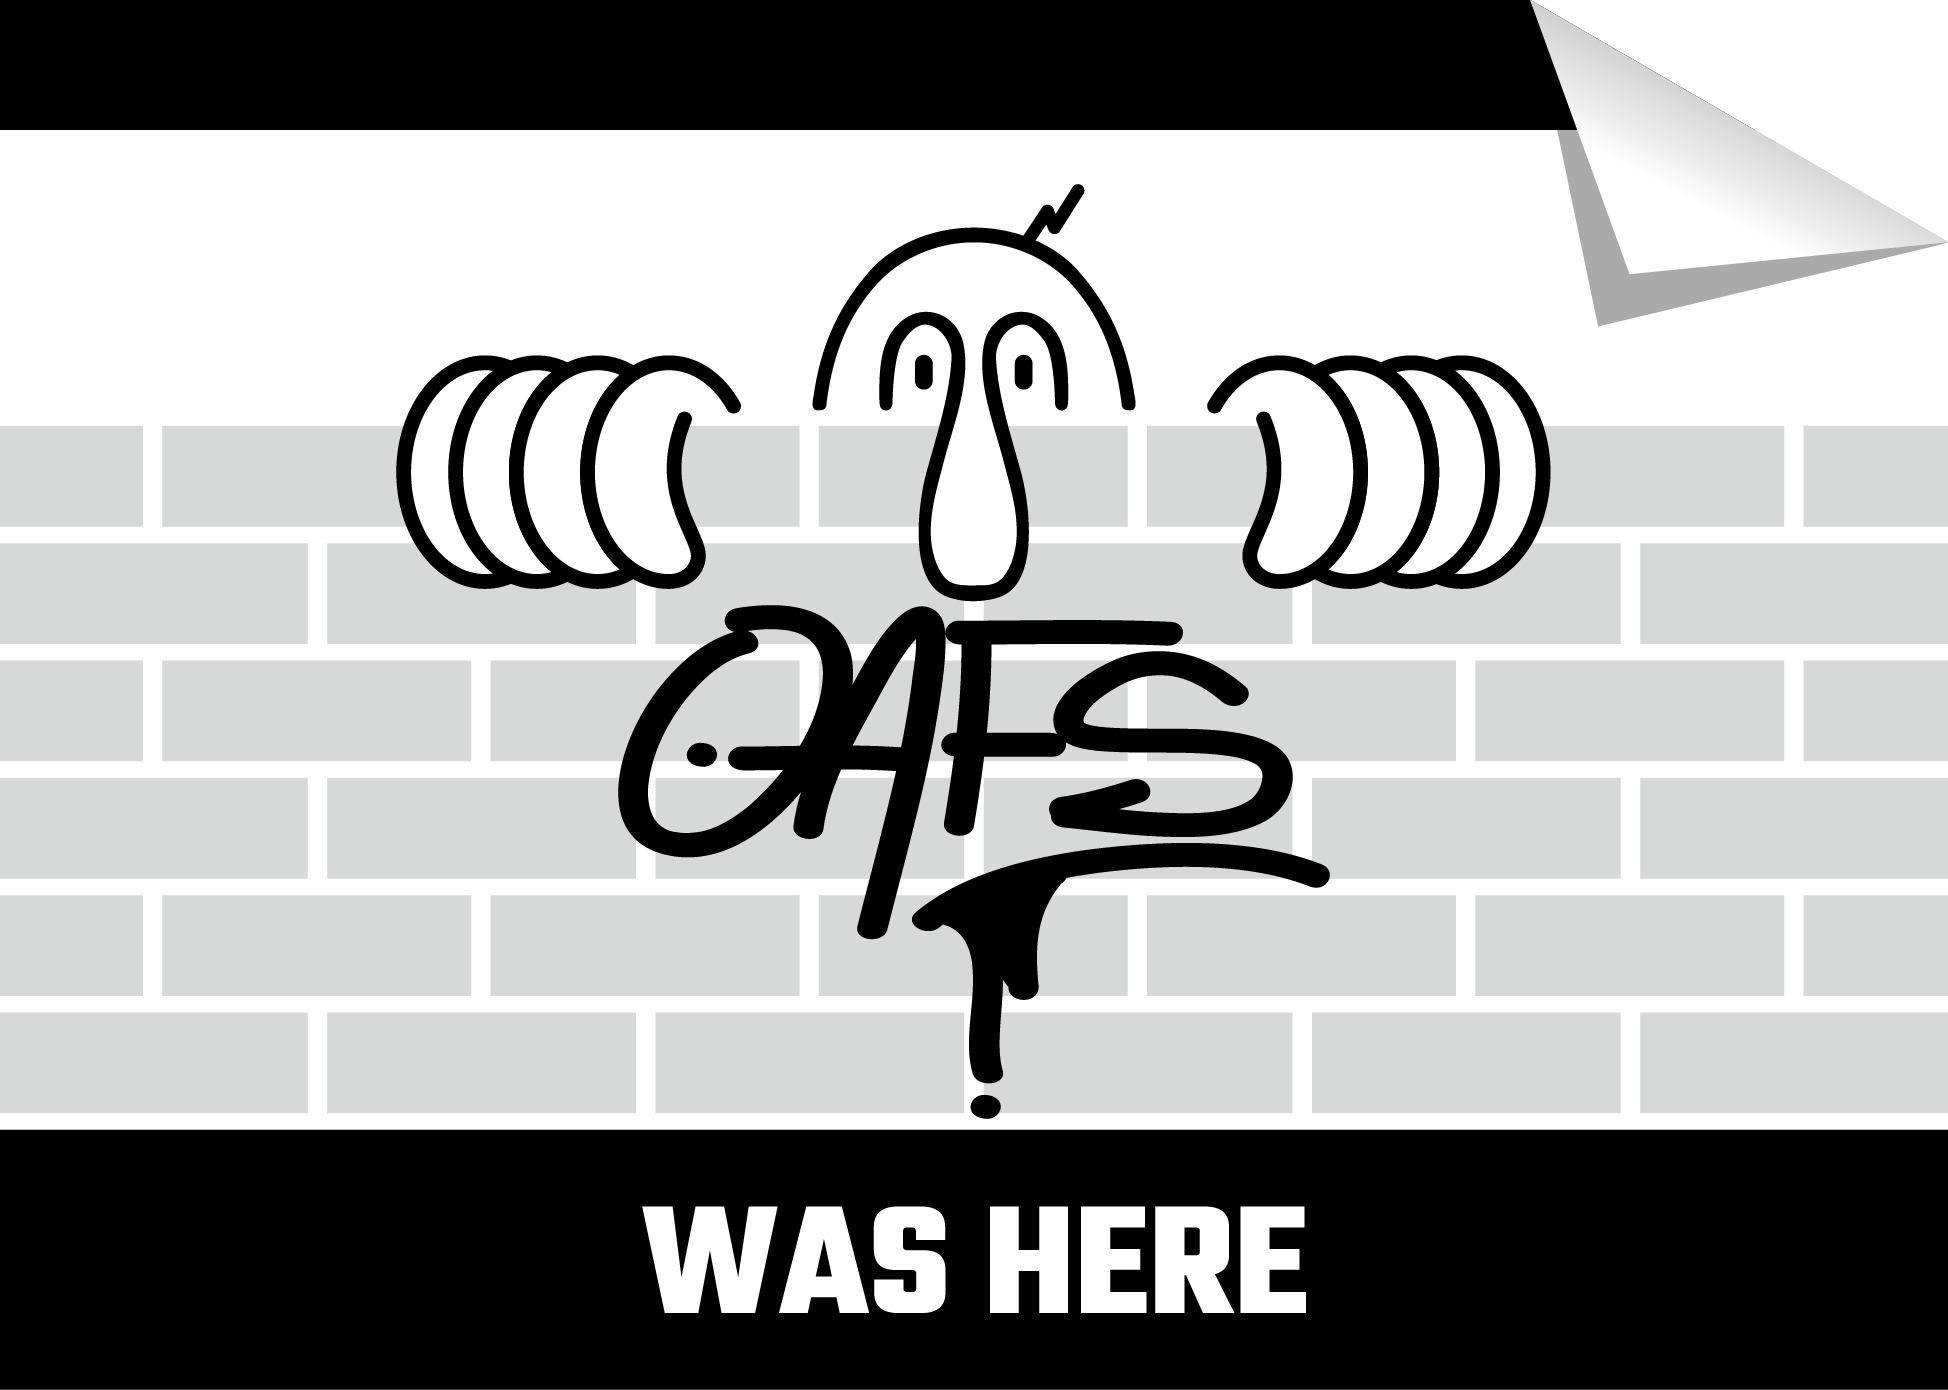 WAS HERE #14: OAFS